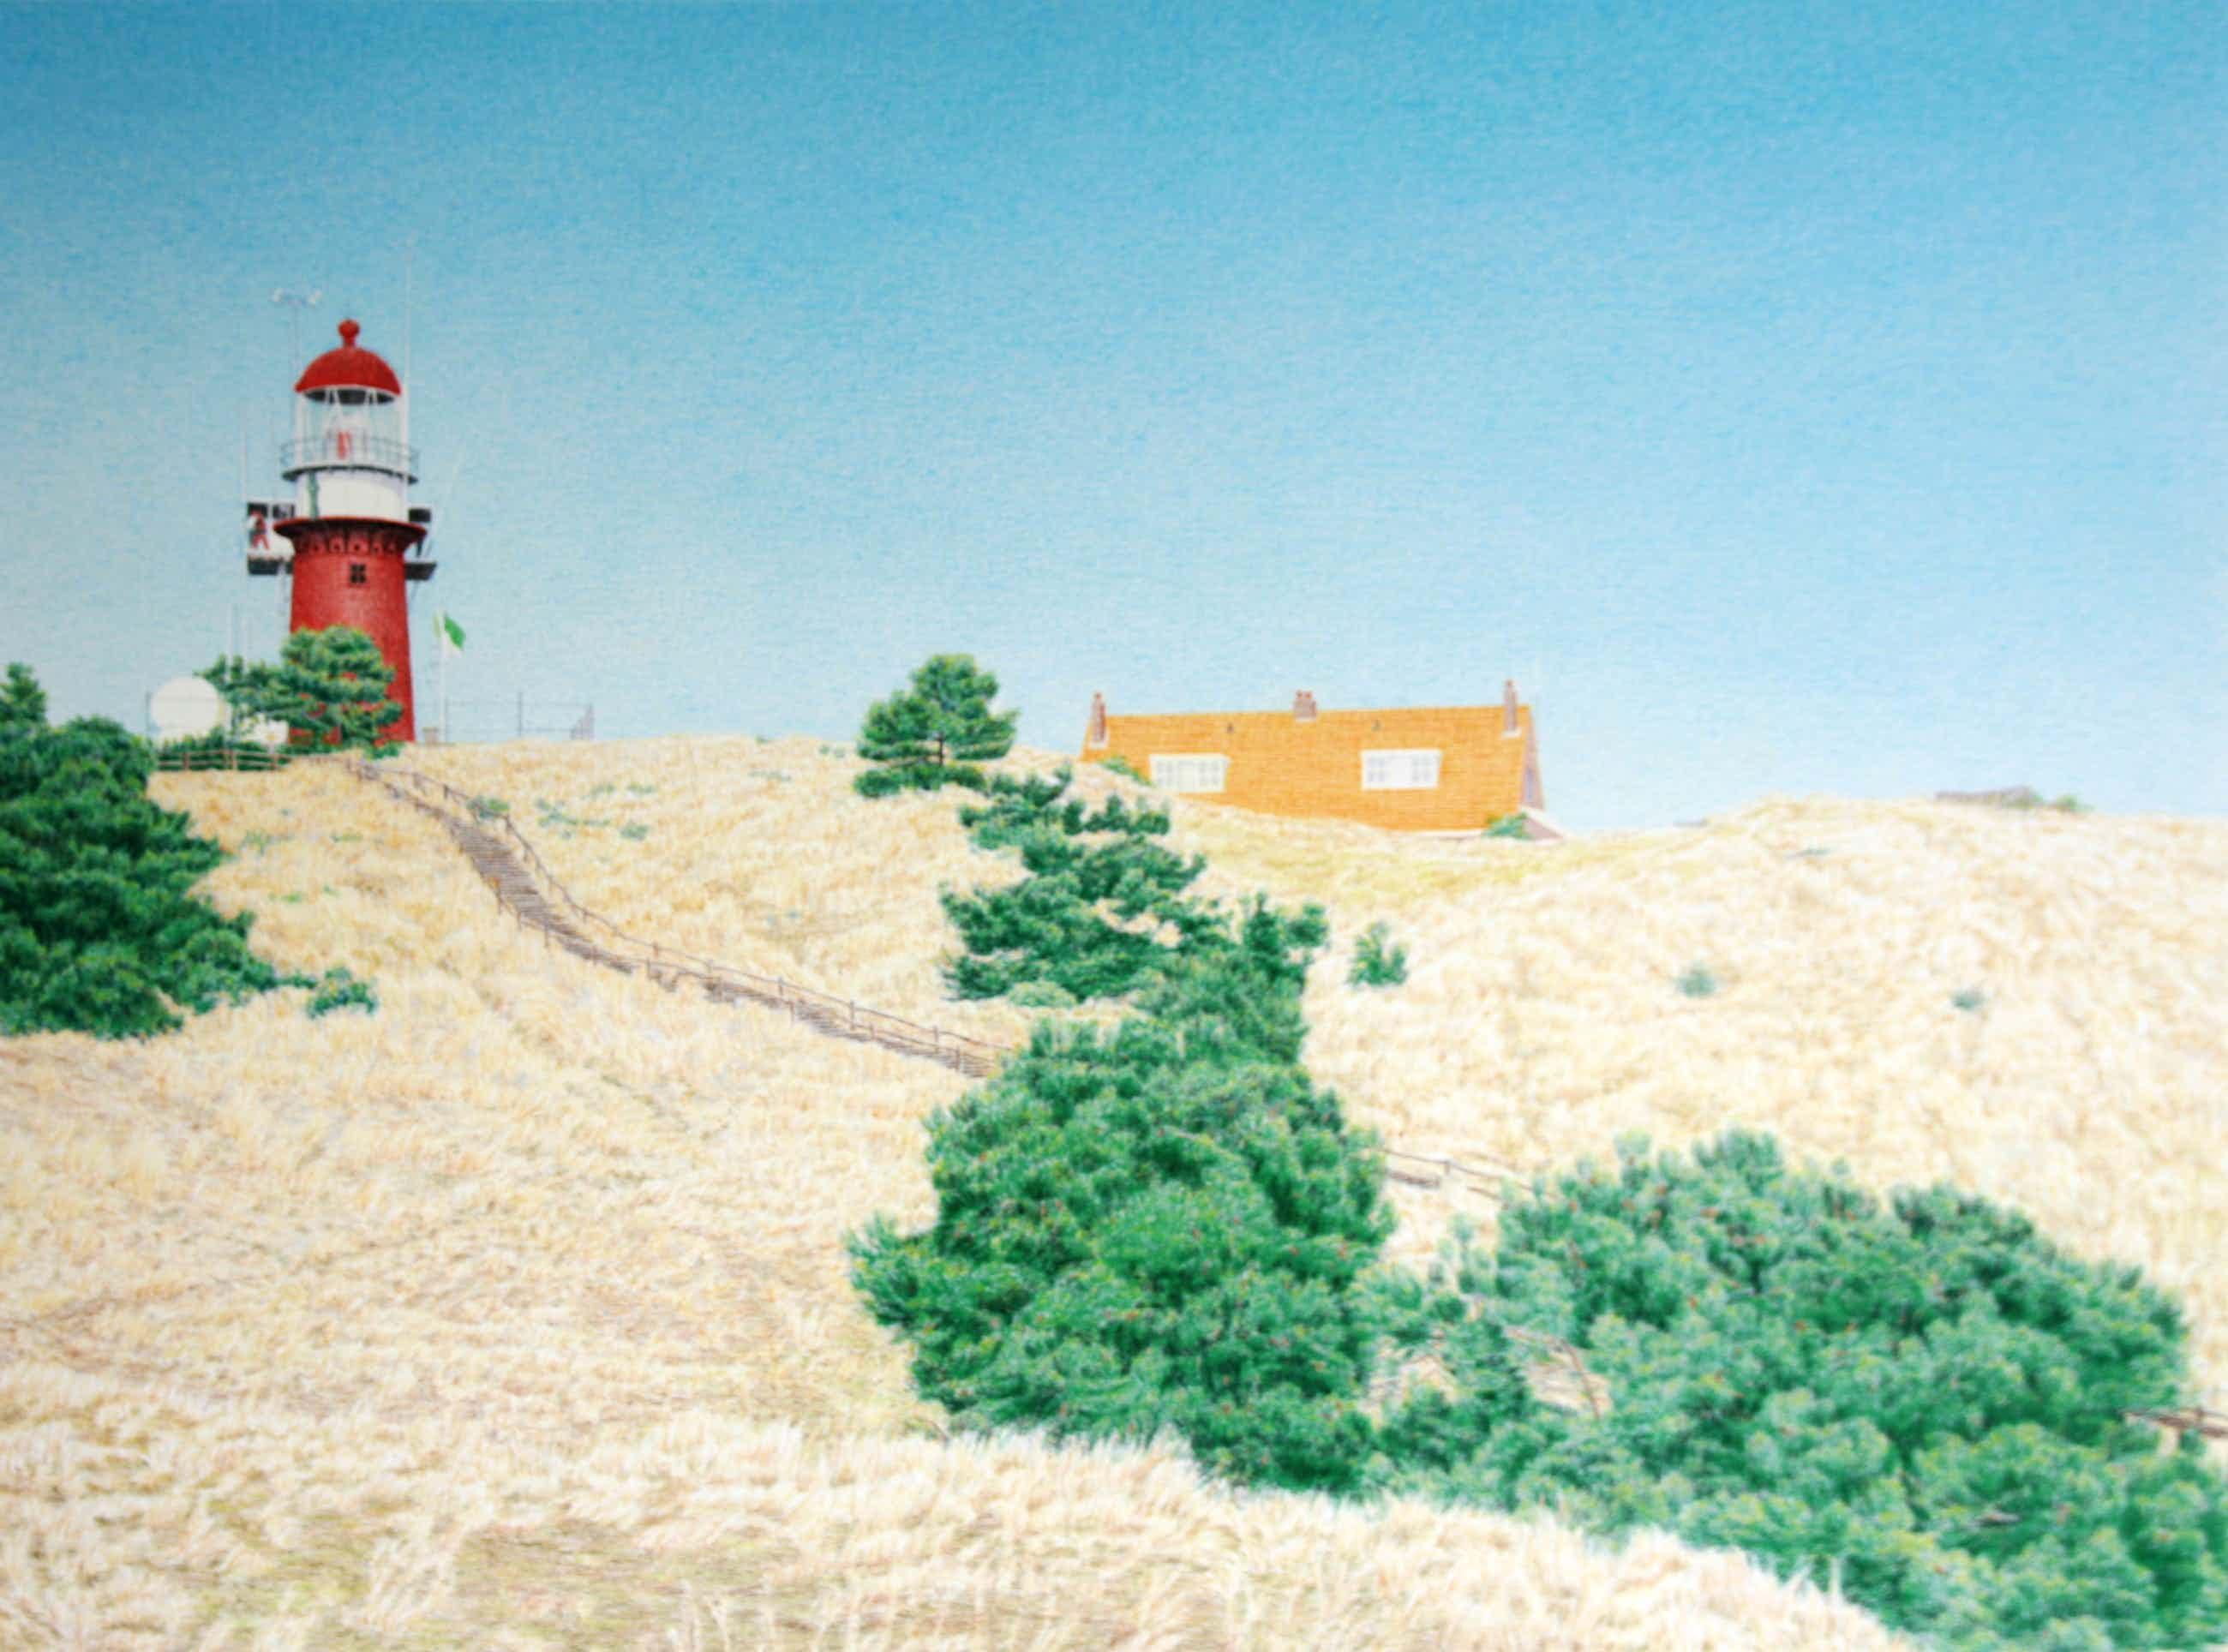 Frans Room - zeefdruk vuurtoren Vuurduin Vlieland - kleurzeefdruk oplage 125 - FR0051 kopen? Bied vanaf 25!